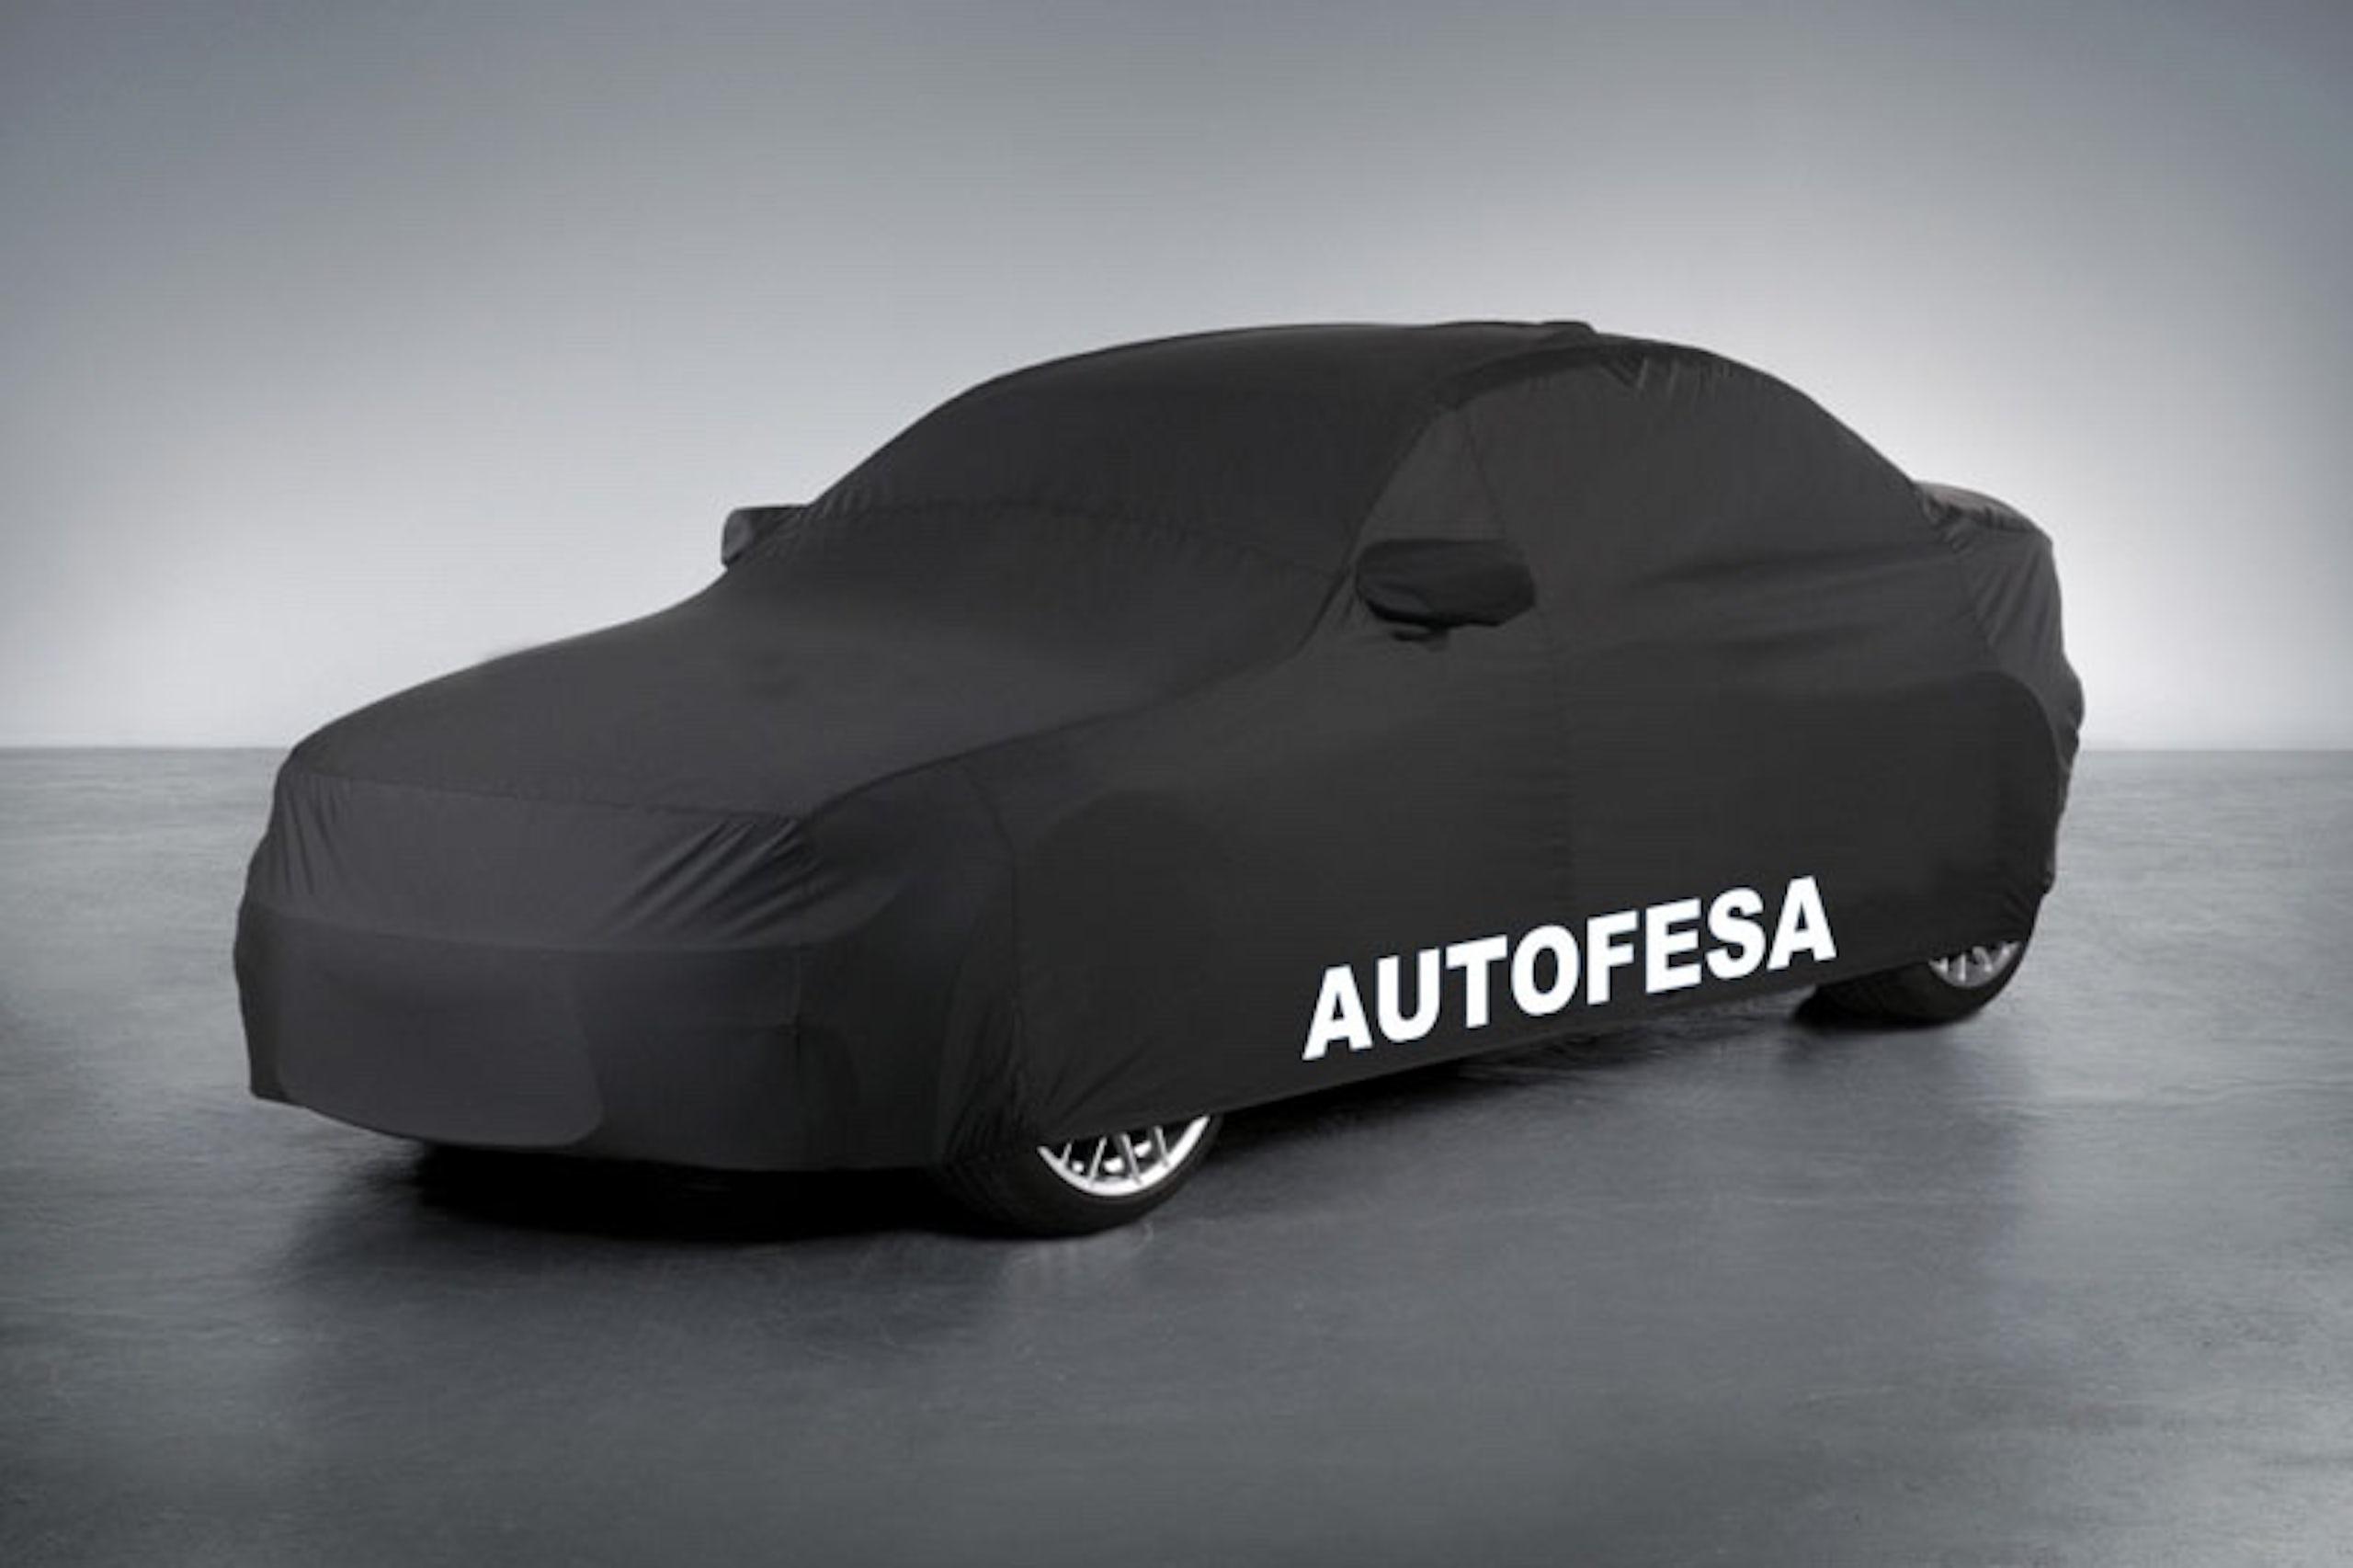 Audi A4 Avant 2.0 TDI 190cv quattro 5p S tronic Auto S/S - Foto 28